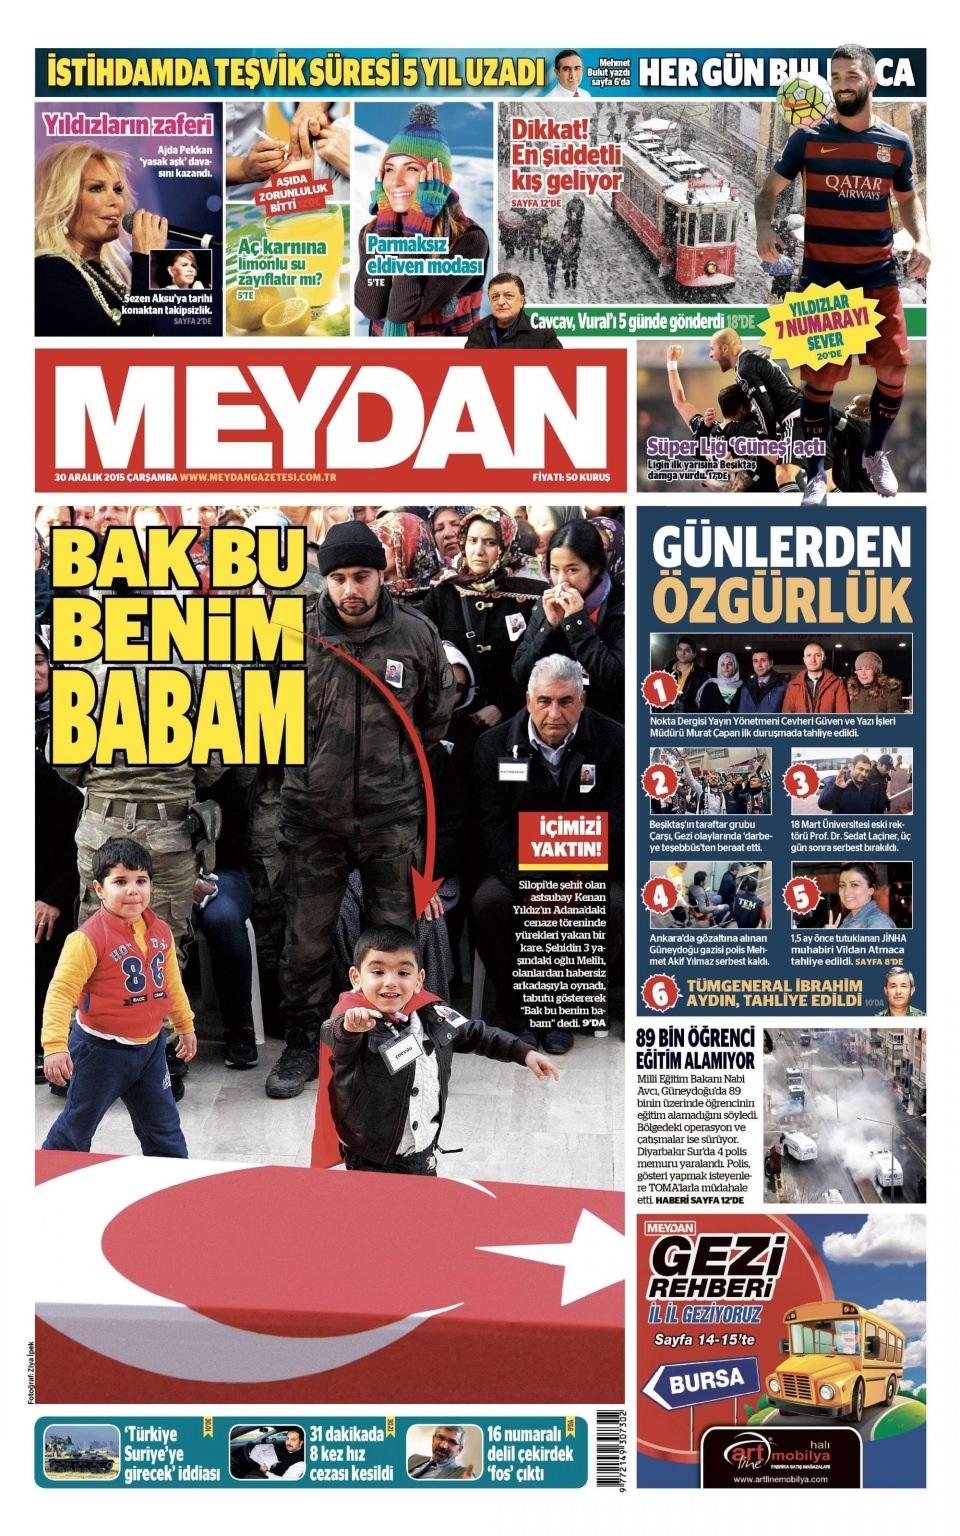 30 Aralık 2015 gazete manşetleri 15